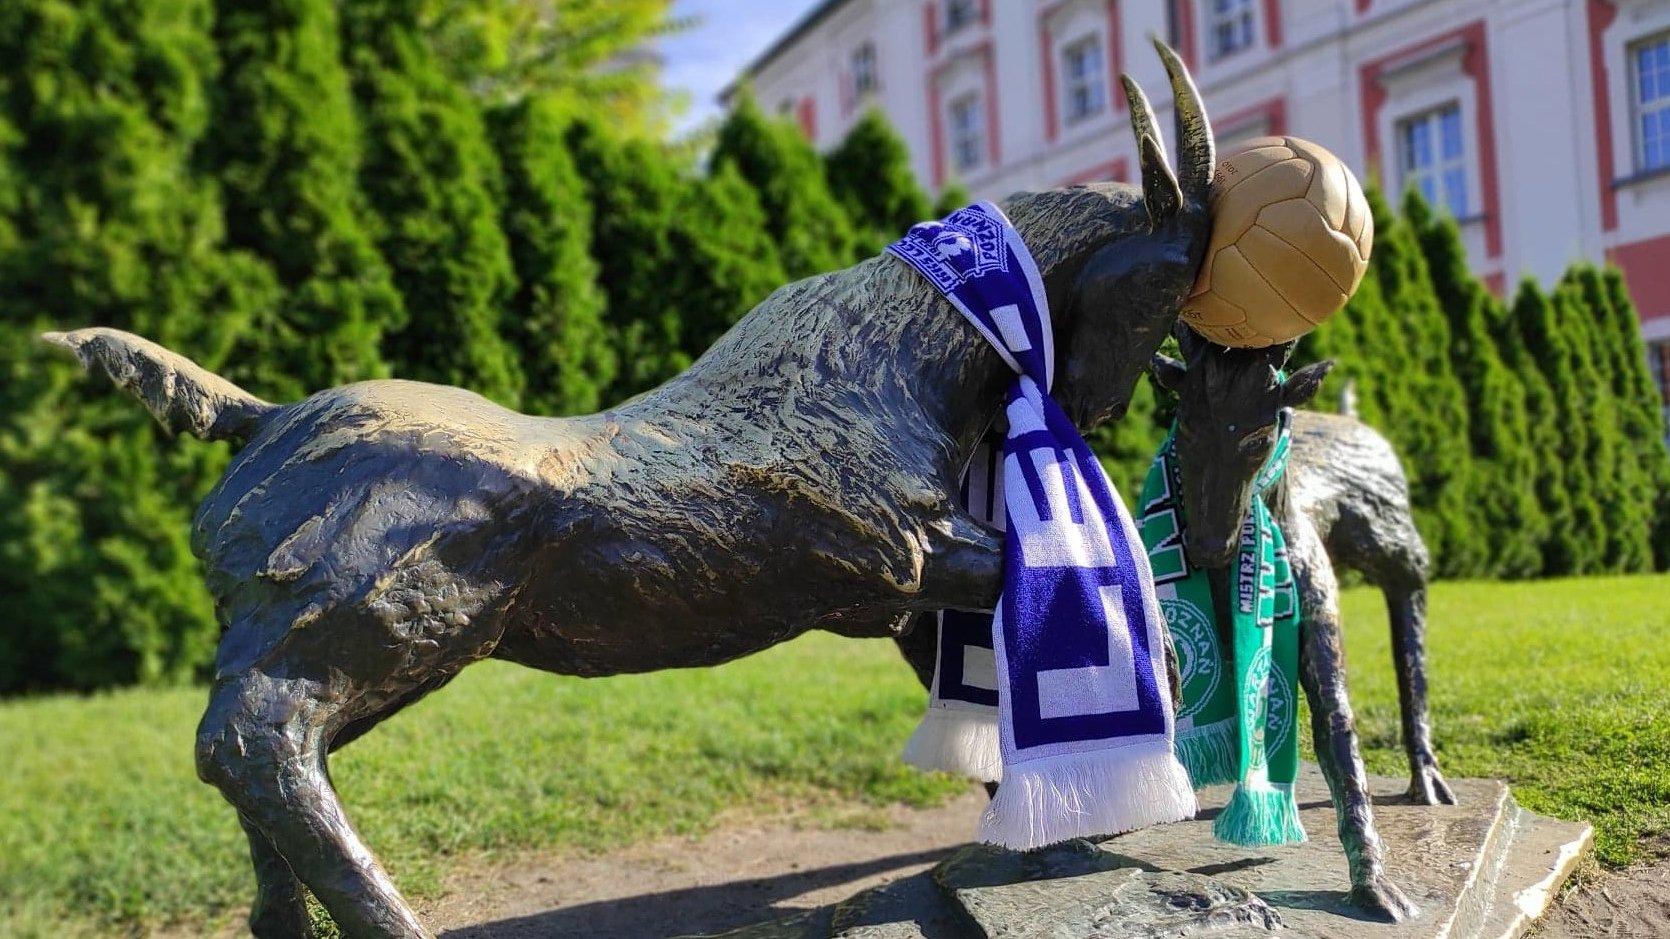 Koziołki w parku Chopina ubrane w szaliki Lecha i Warty. Pomiędzy rogami stylizowana na historyczną piłka - grafika artykułu